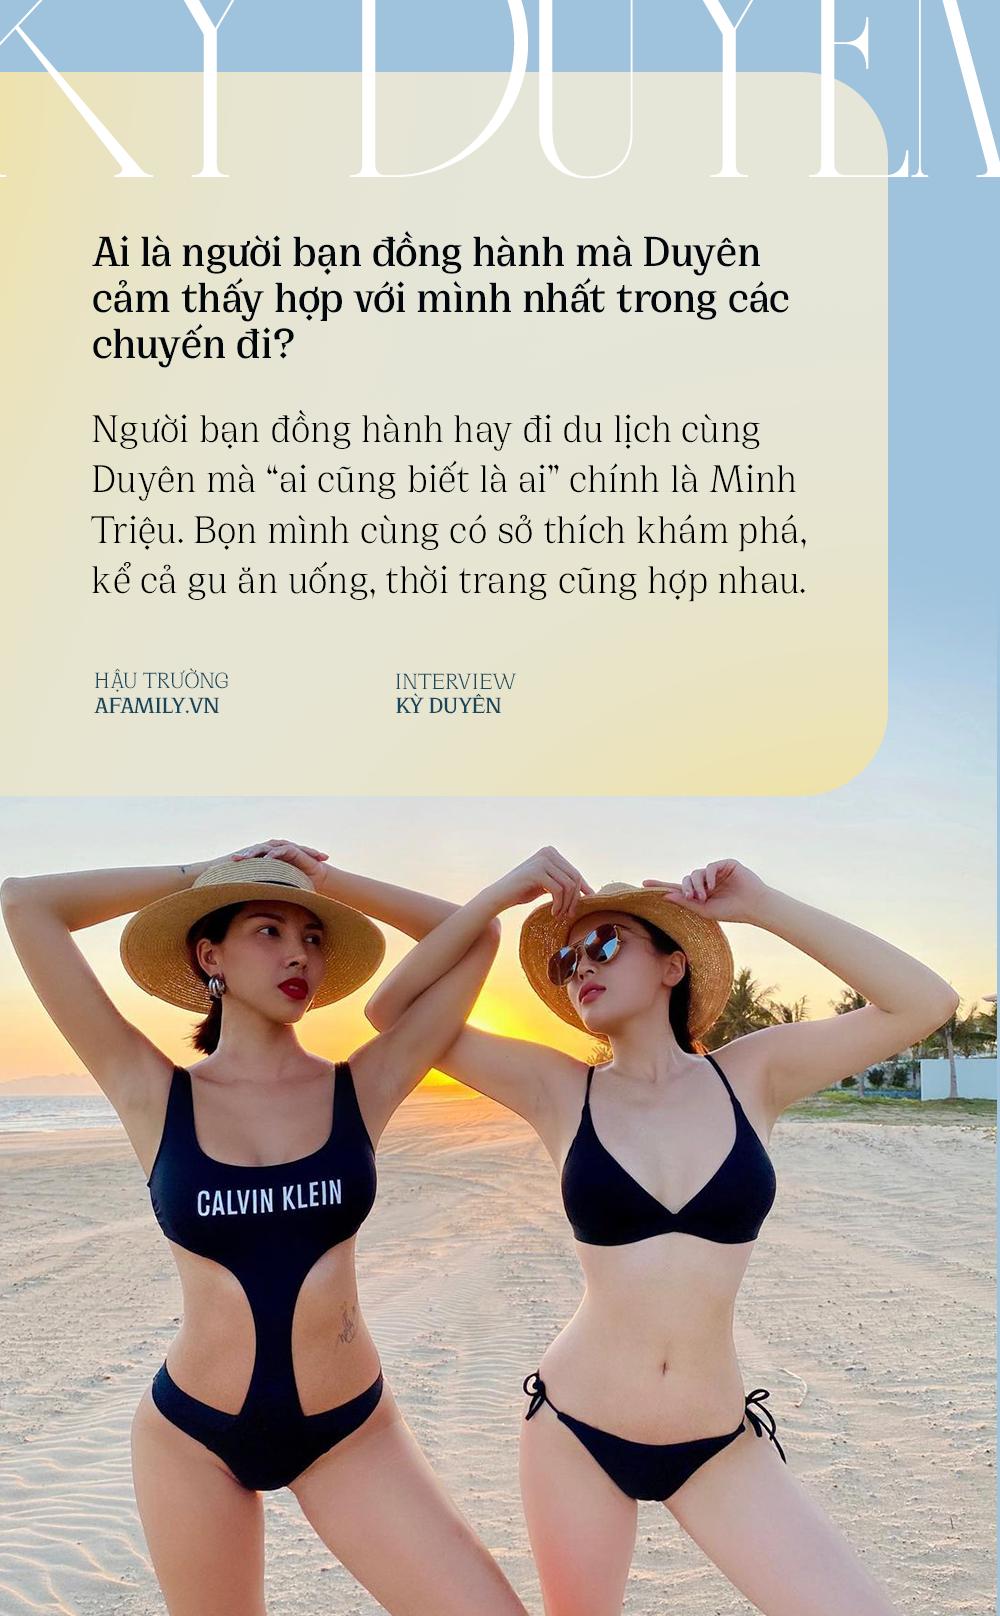 Kỳ Duyên: Nàng hậu cá tính với sở thích du lịch khám phá, bật mí lý do luôn gắn bó với Minh Triệu như hình với bóng - Ảnh 4.